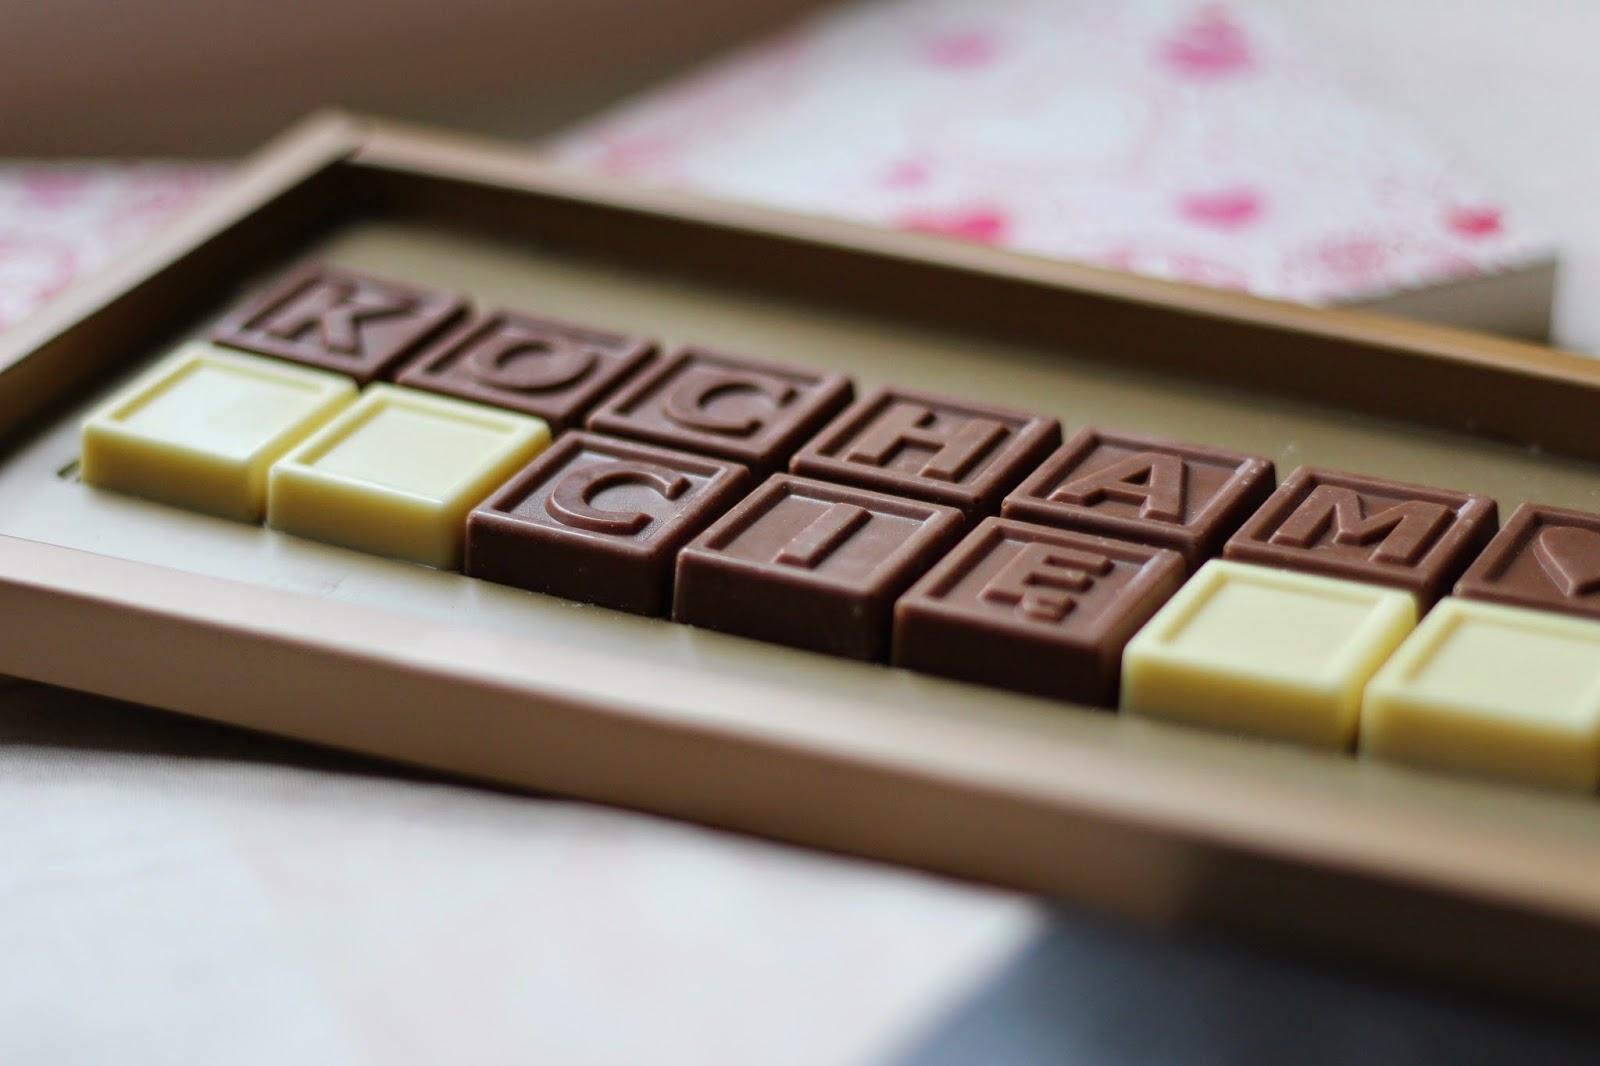 Co kupić w prezencie na Walentynki - czekoladowy telegram.